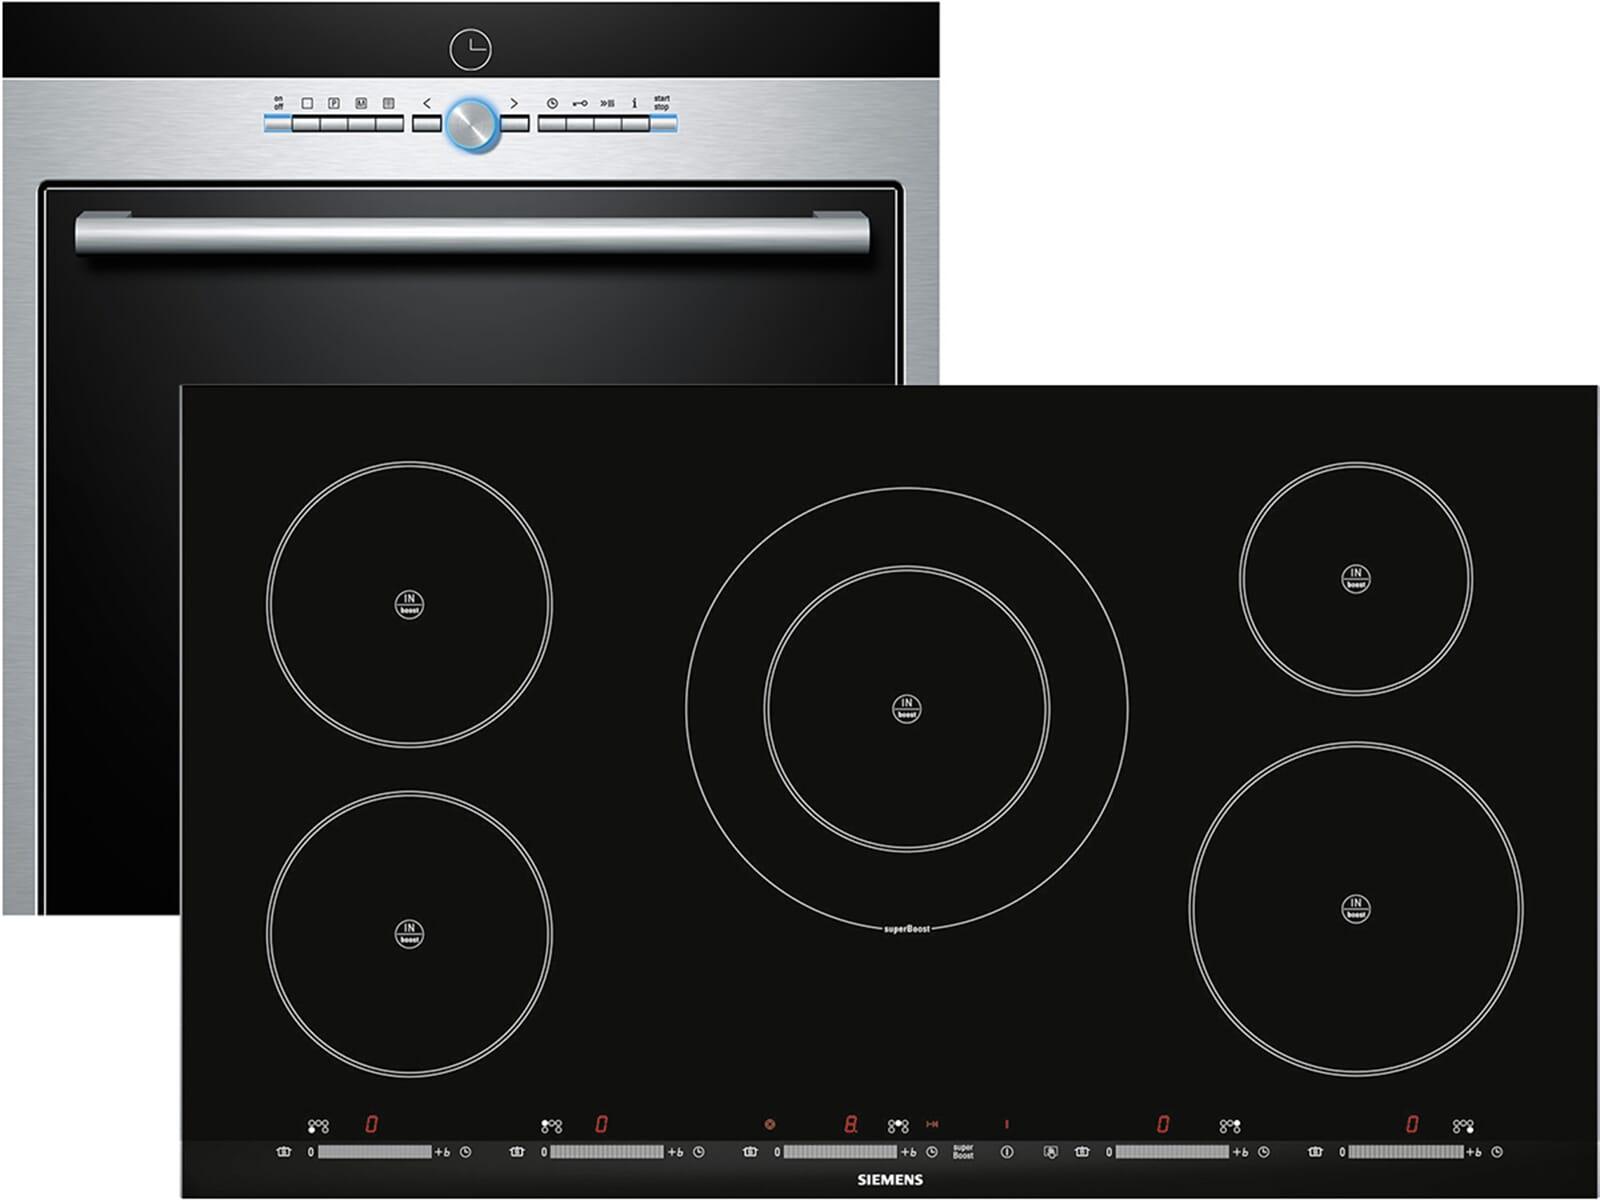 Siemens EQ2Z046 Set Pyrolyse Backofen HB78GB570 + Induktion Glaskeramik Kochfeld EH975SK11E, EEK: A